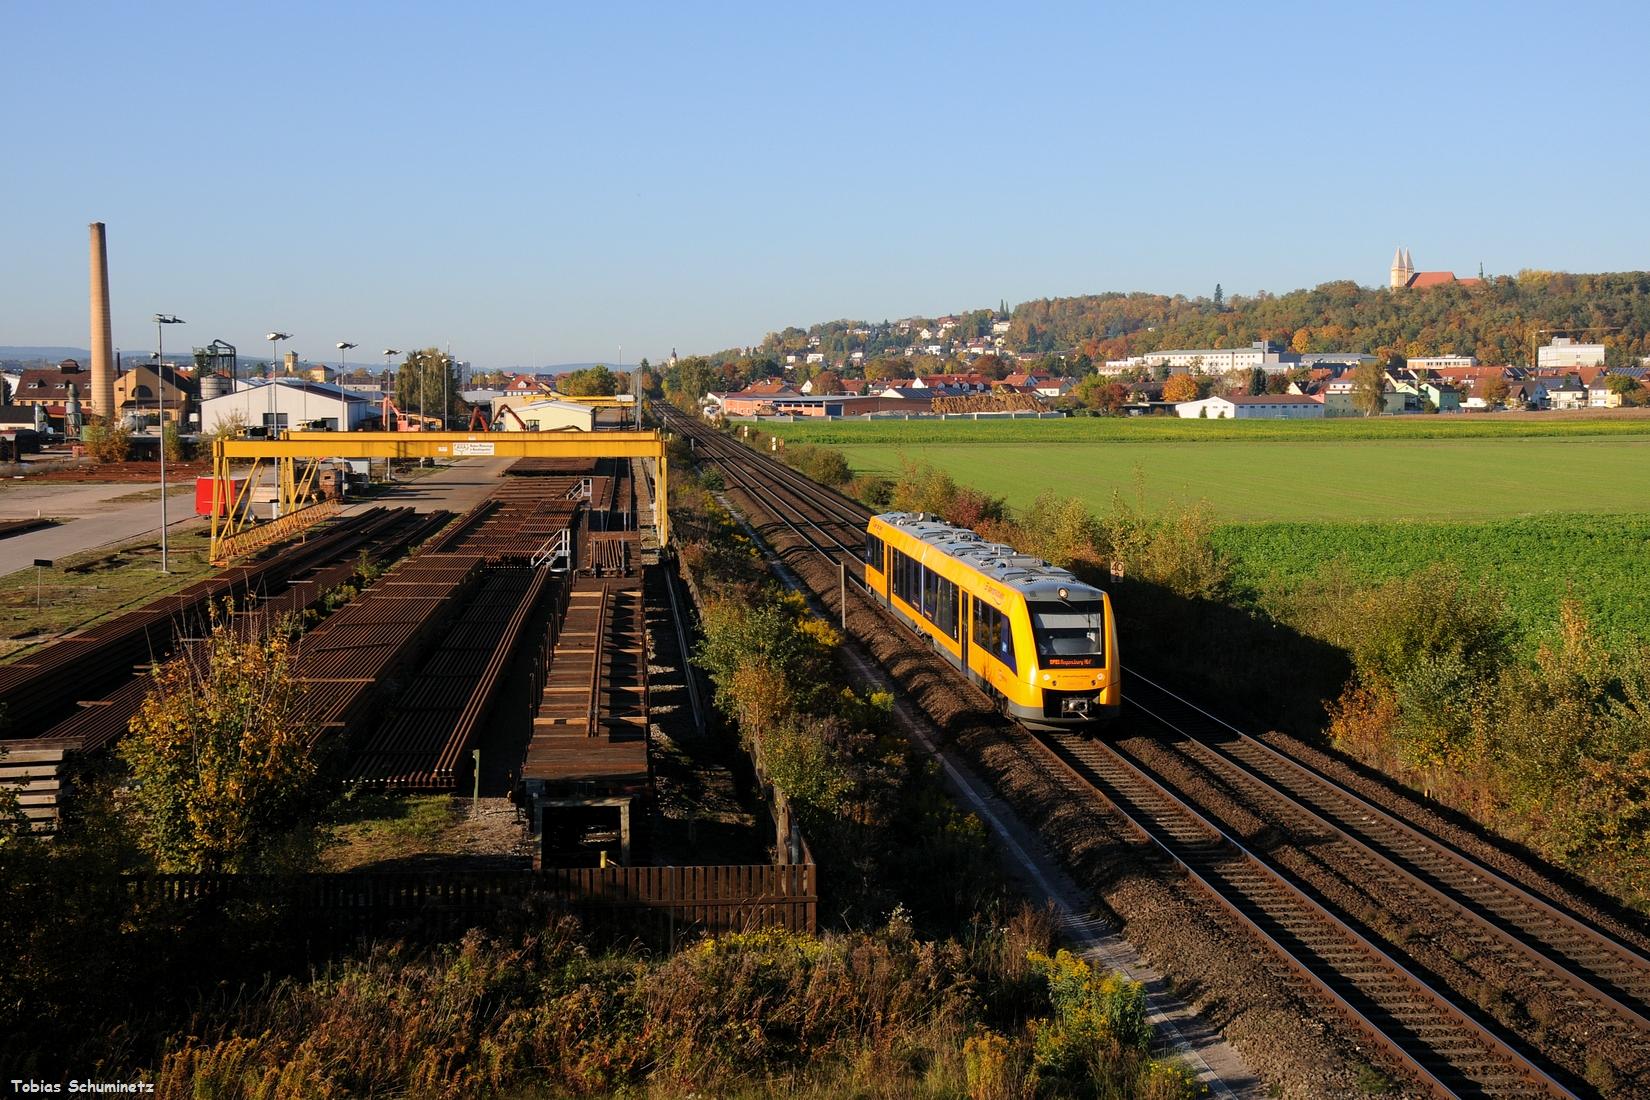 Eigentlich wollte ich danach wieder heimfahren, doch da kam grad die Meldung, dass der zweite EVB Zug in Marktredwitz raus ist. Daher bin ich noch südlich von Schwandorf zum Schwellenwerk gefahren. Zuerst kam allerdings der 1648 208 als OPB79737 durch.